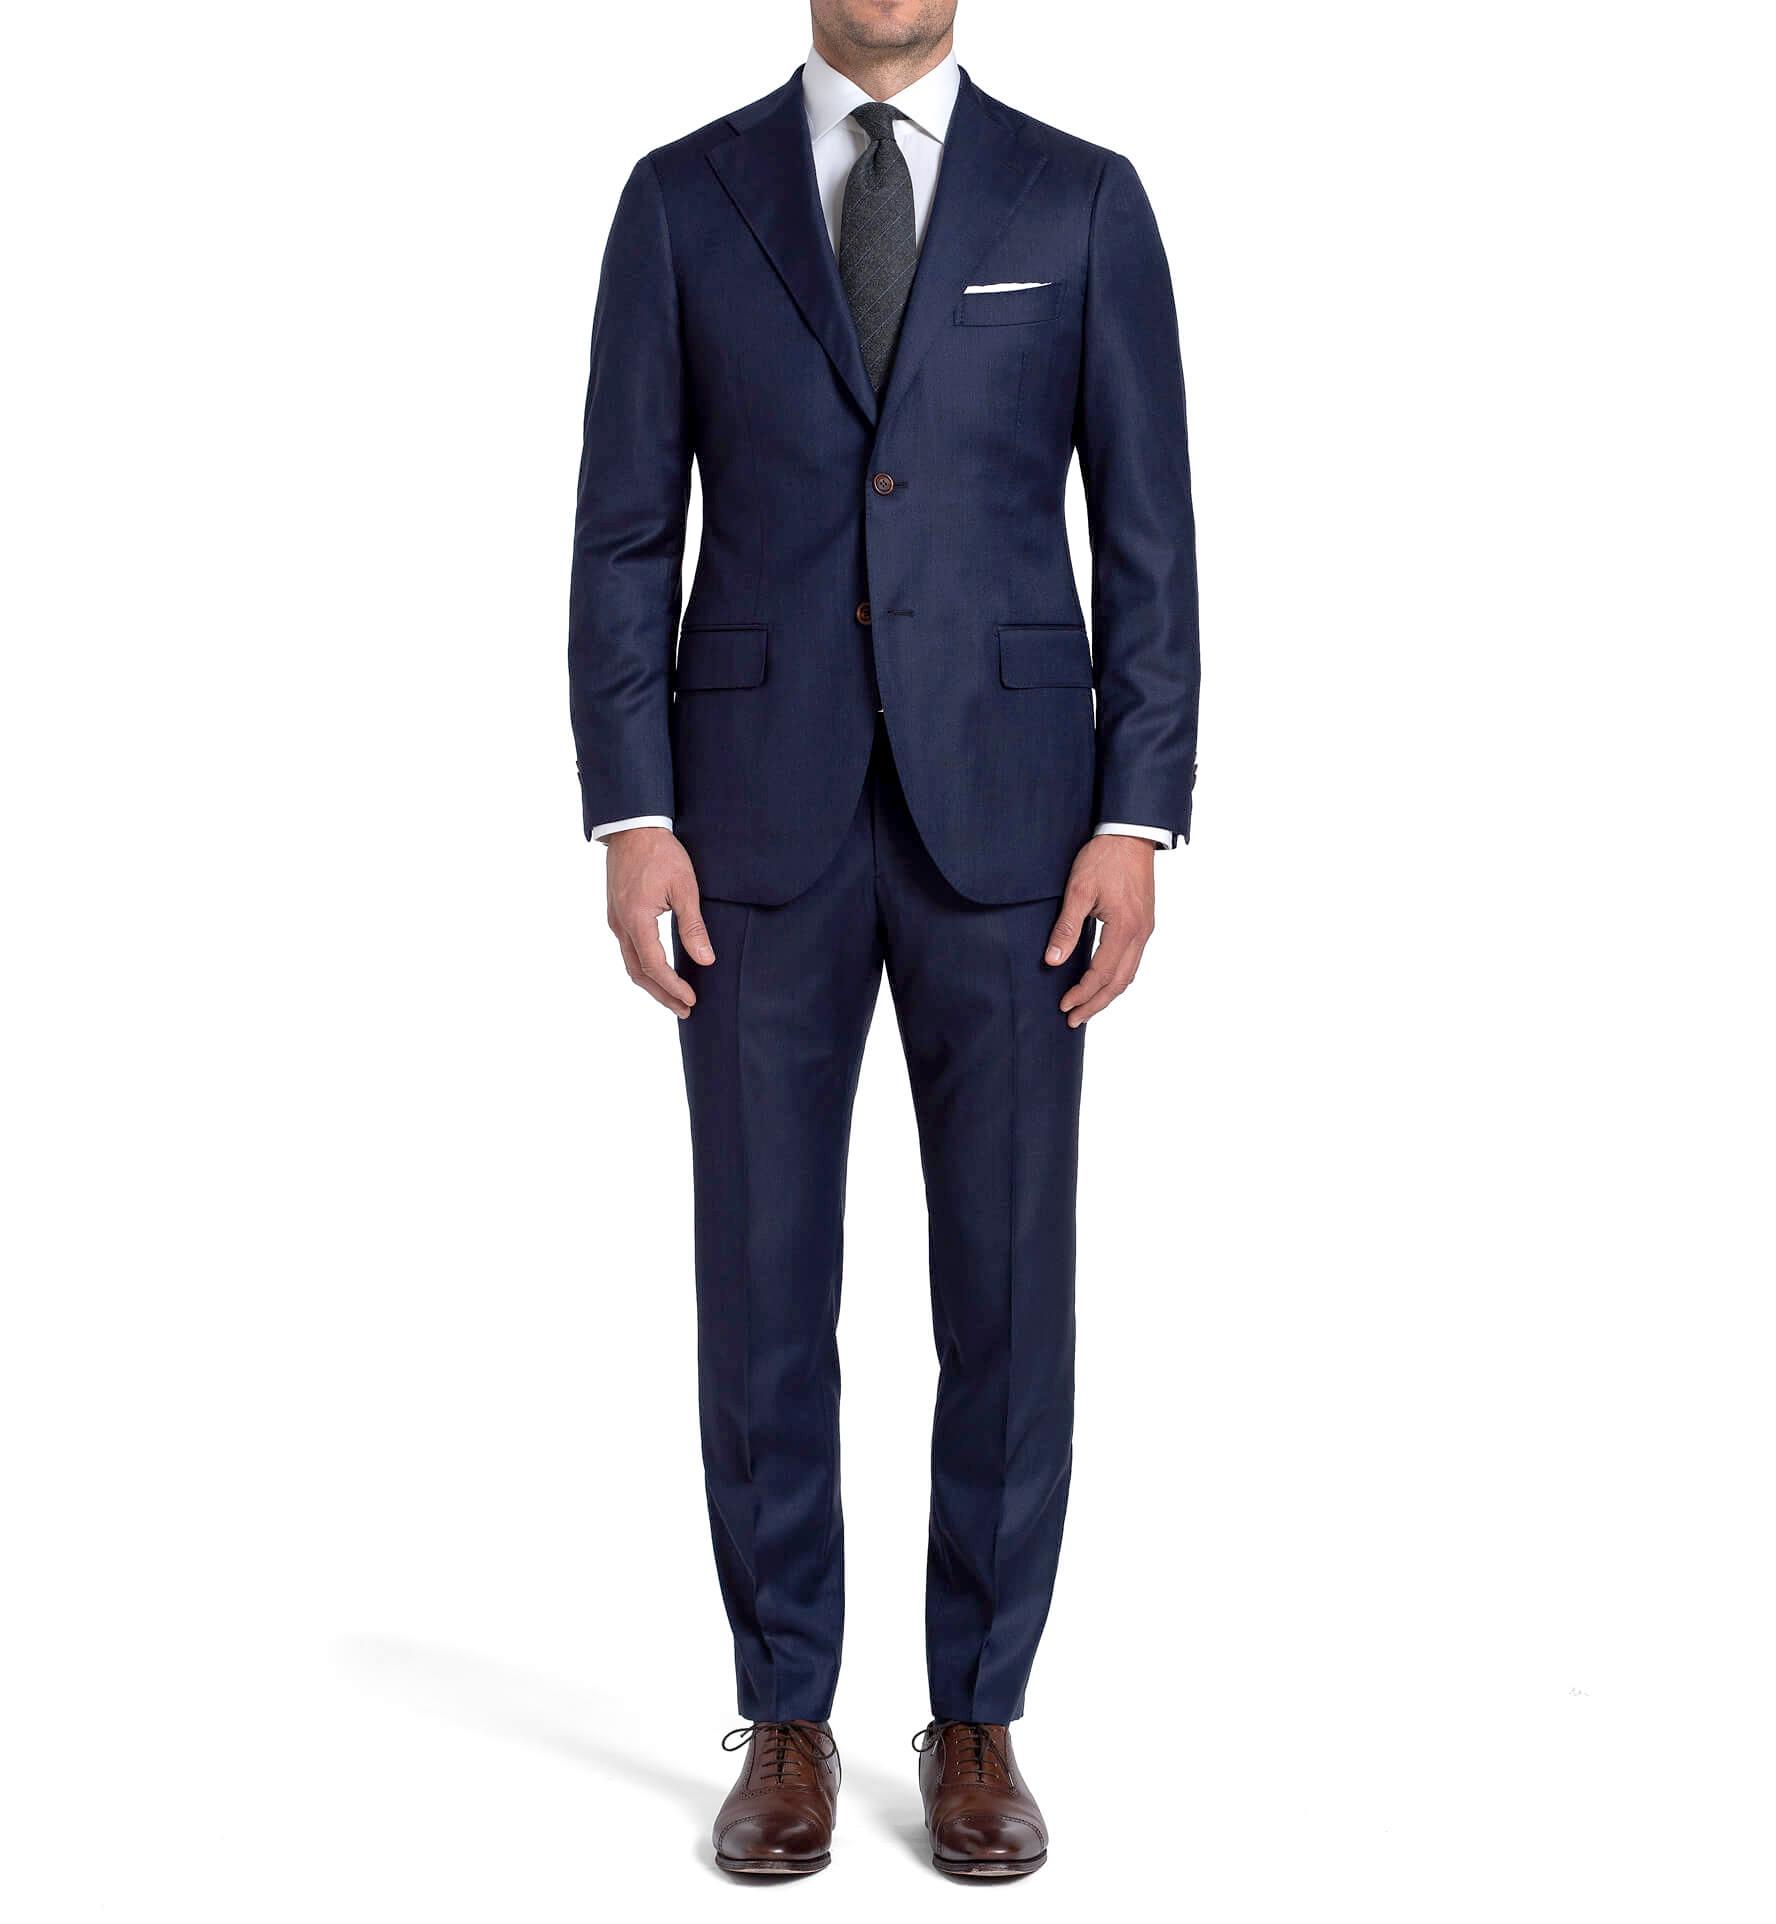 Zoom Image of Allen Navy Melange S110s Comfort Wool Suit